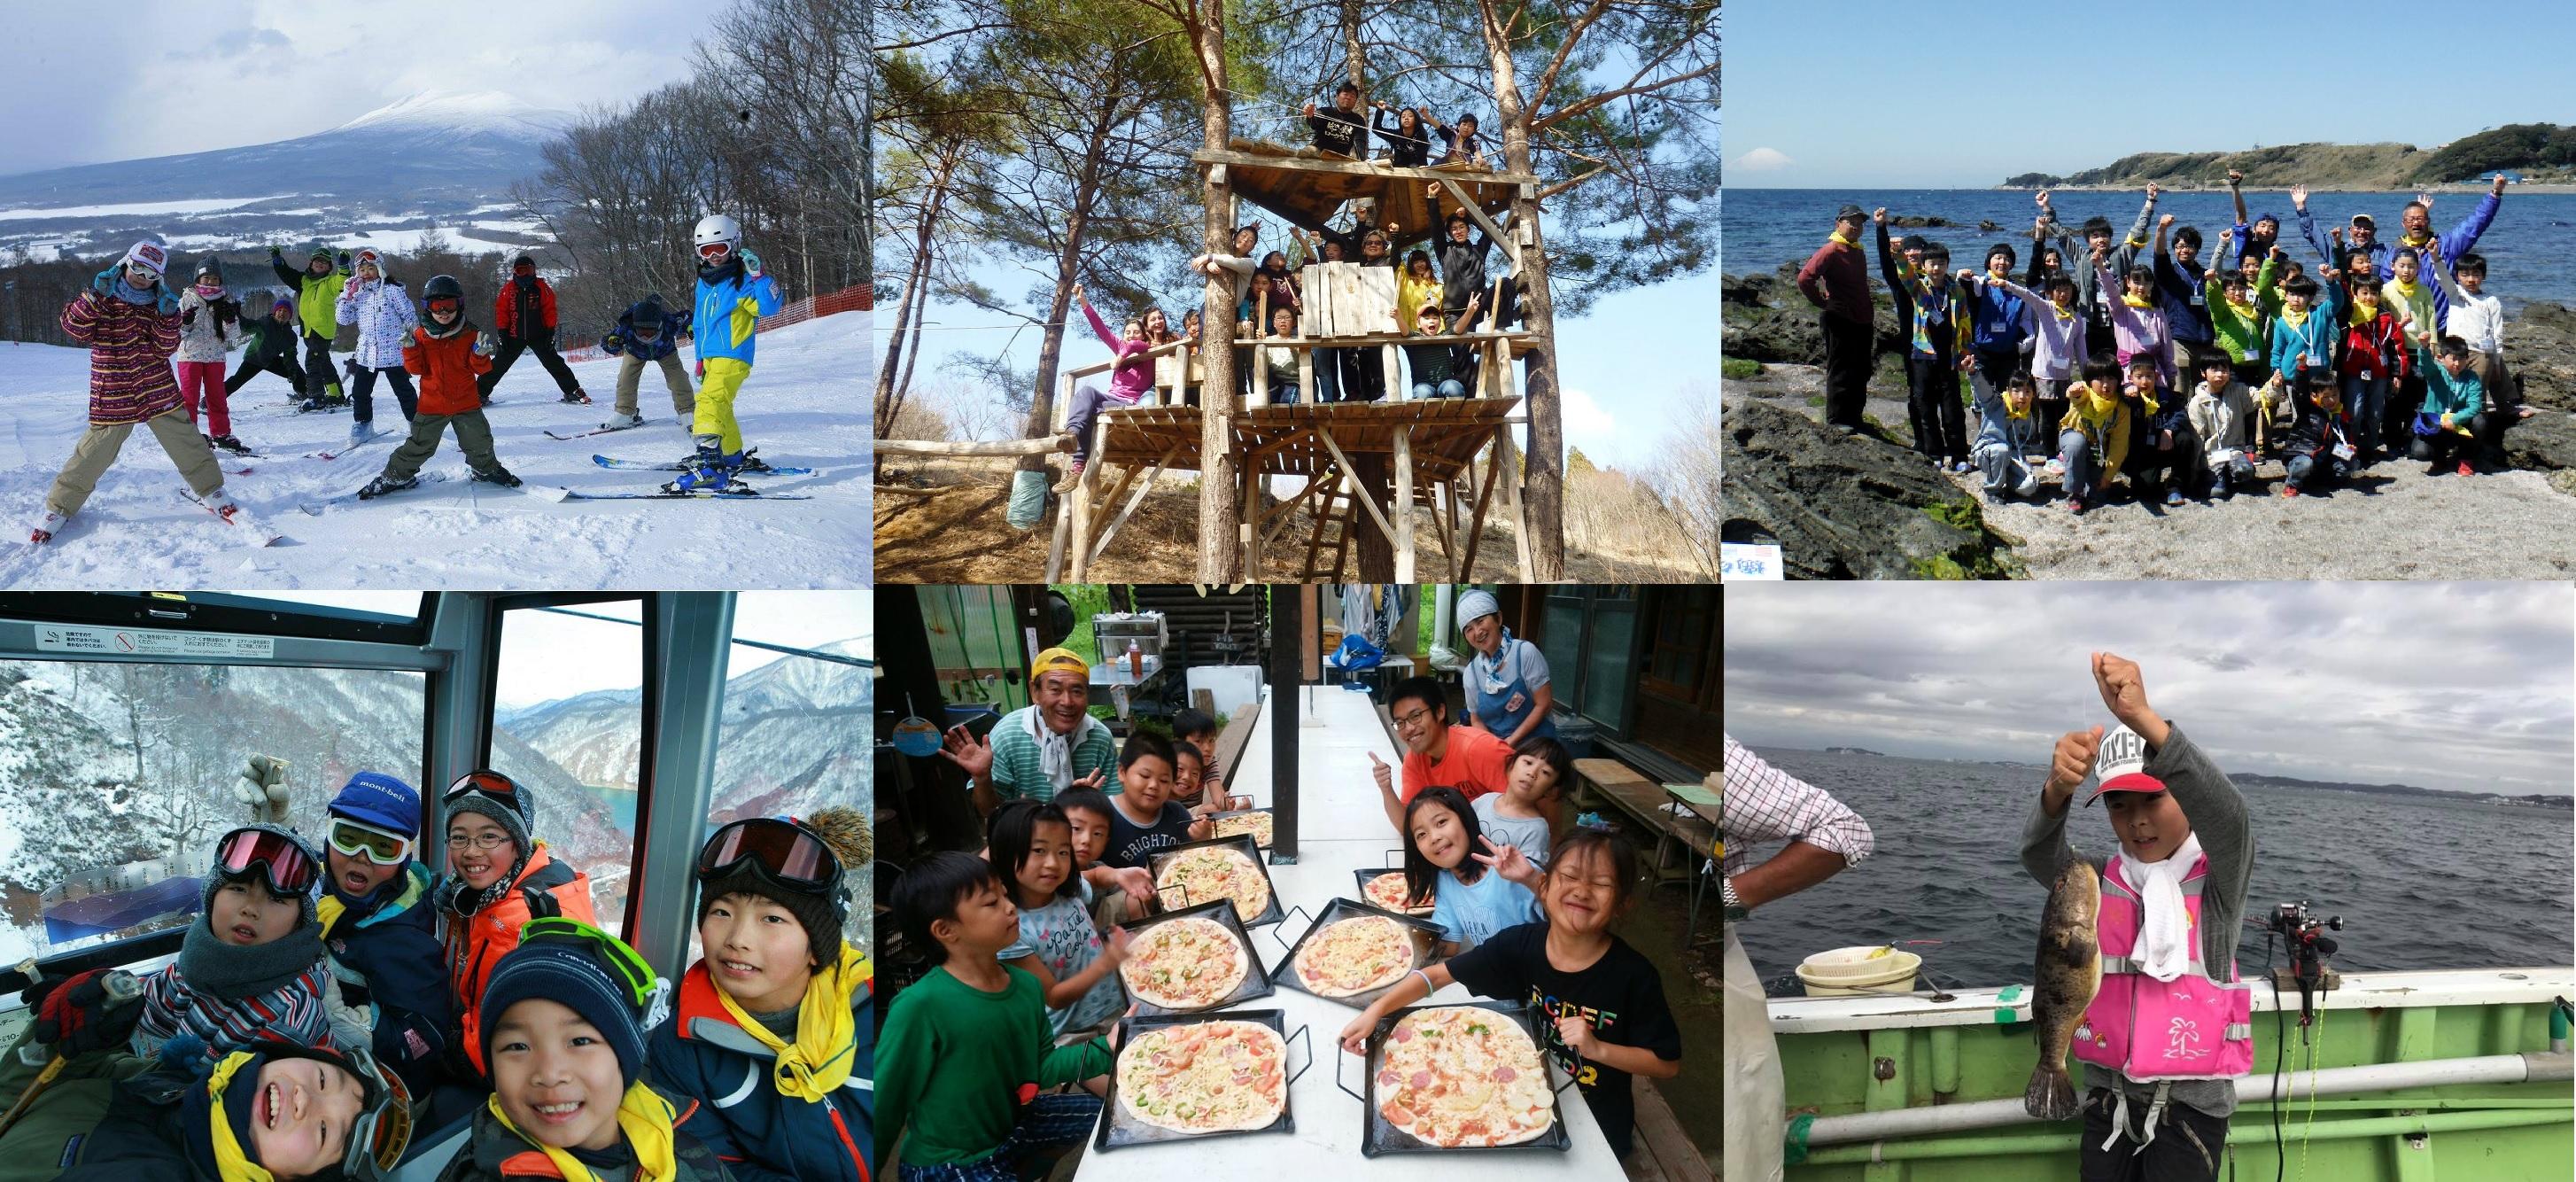 【参加者募集】小学生・中学生対象「2019年春休み子どもキャンプ・スキーツアー」の全3コース~東京・上野・横浜の集合解散で、本格的な体験ができる!